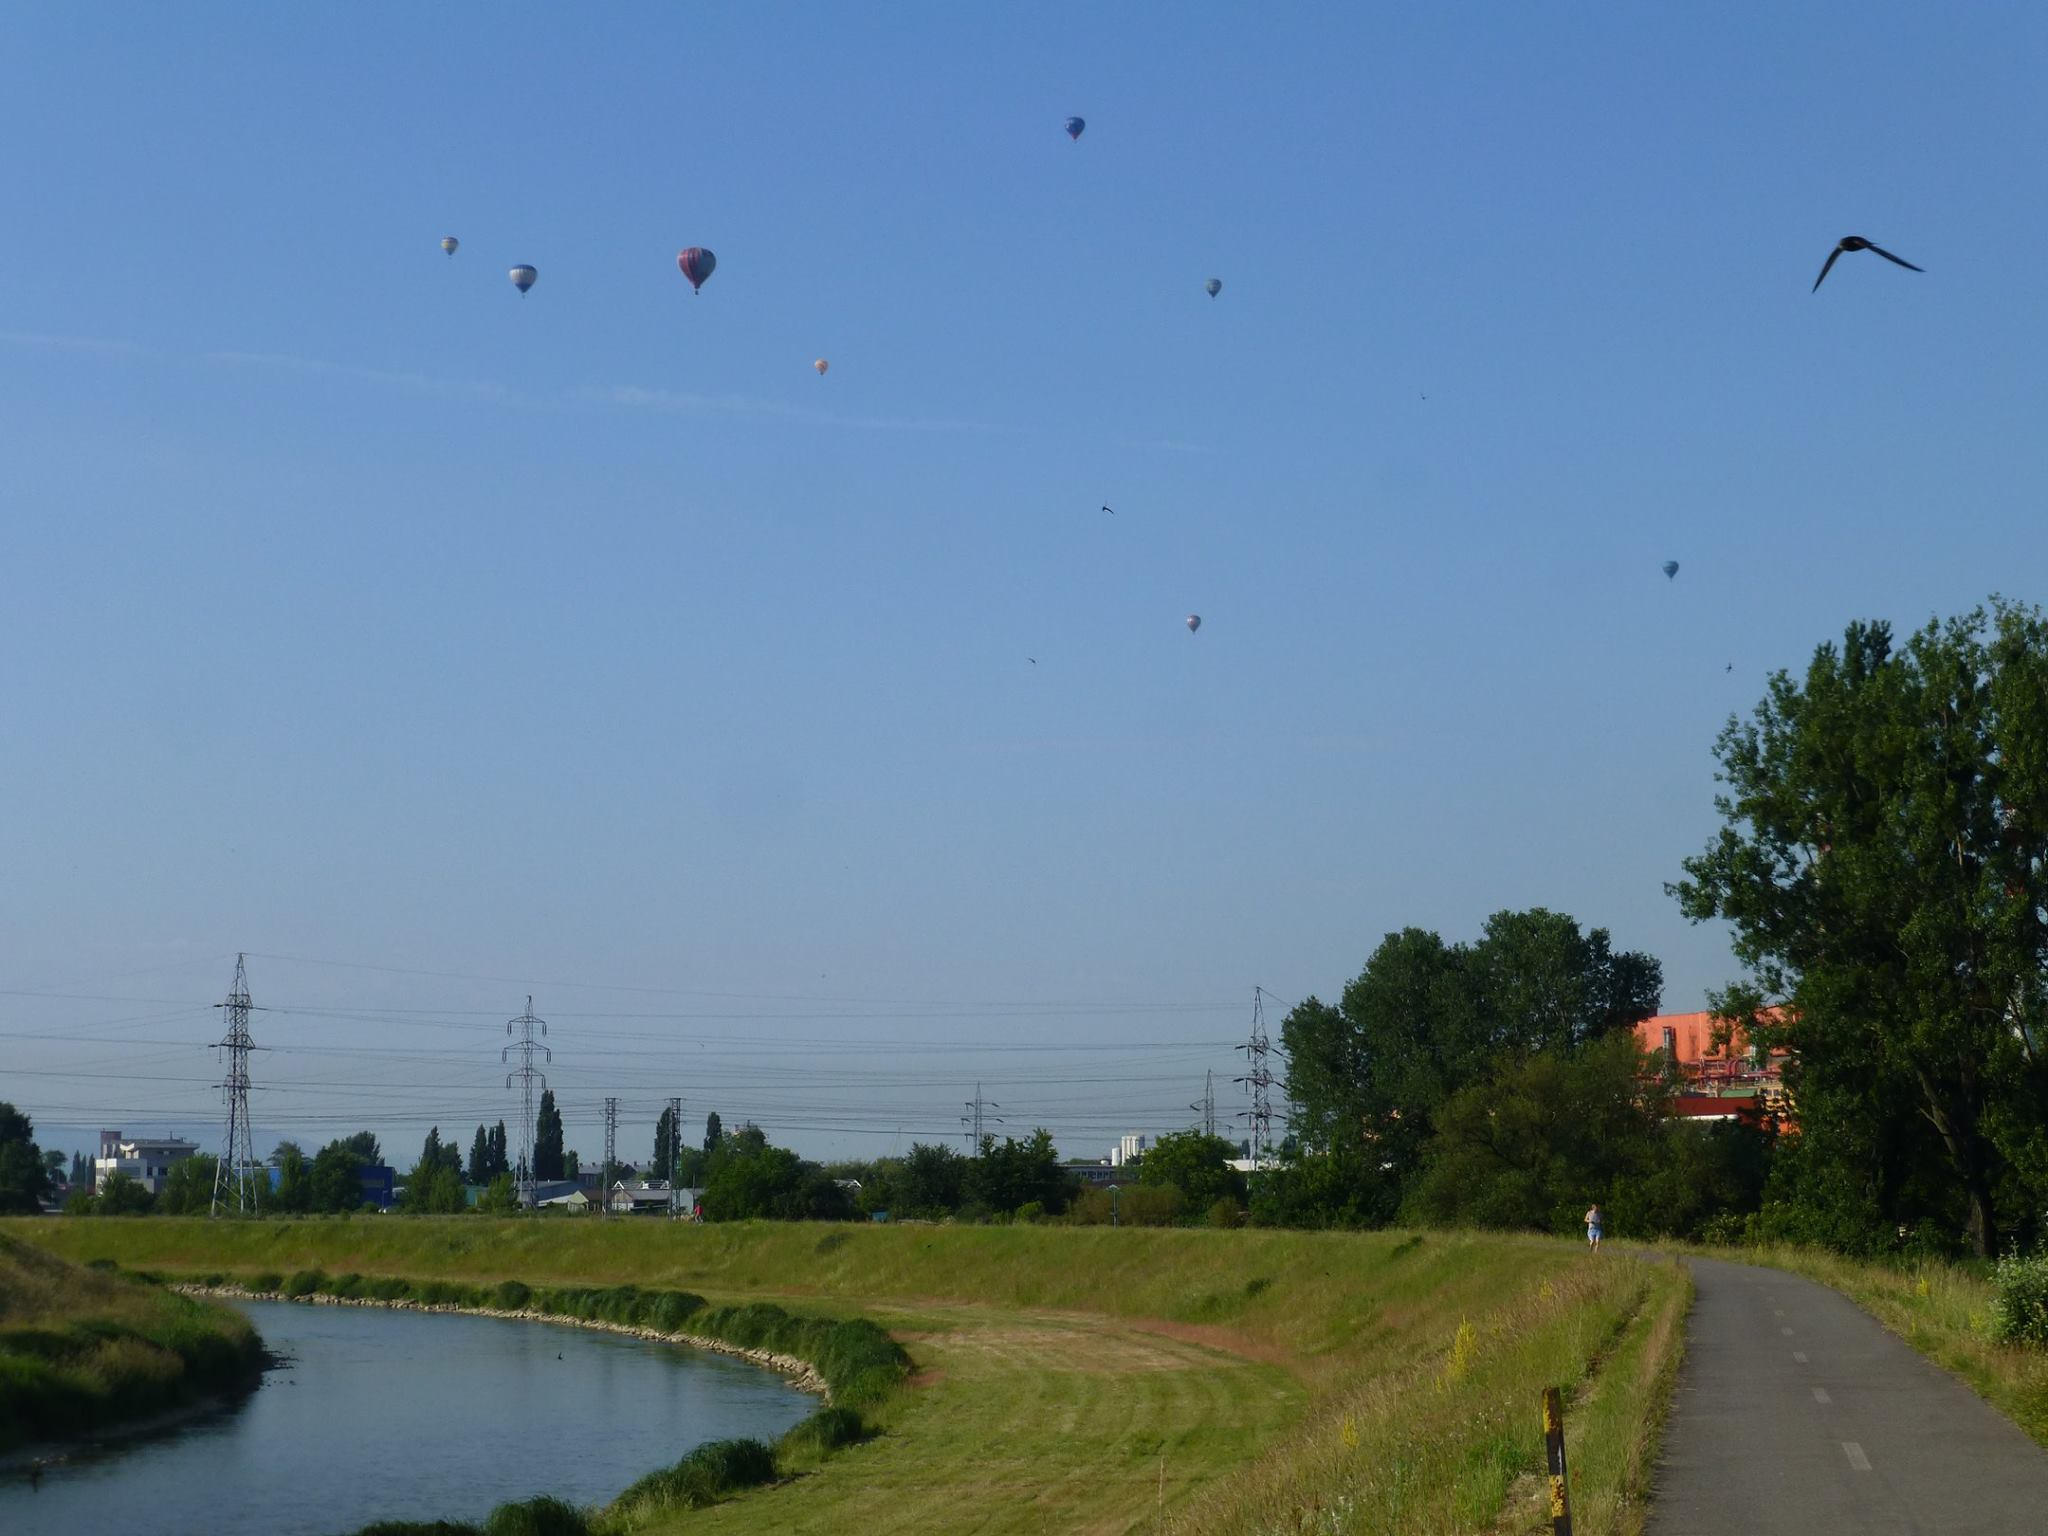 Nábrežie Hornádu – cyklochodník počas Balónovej fiesty, Košice